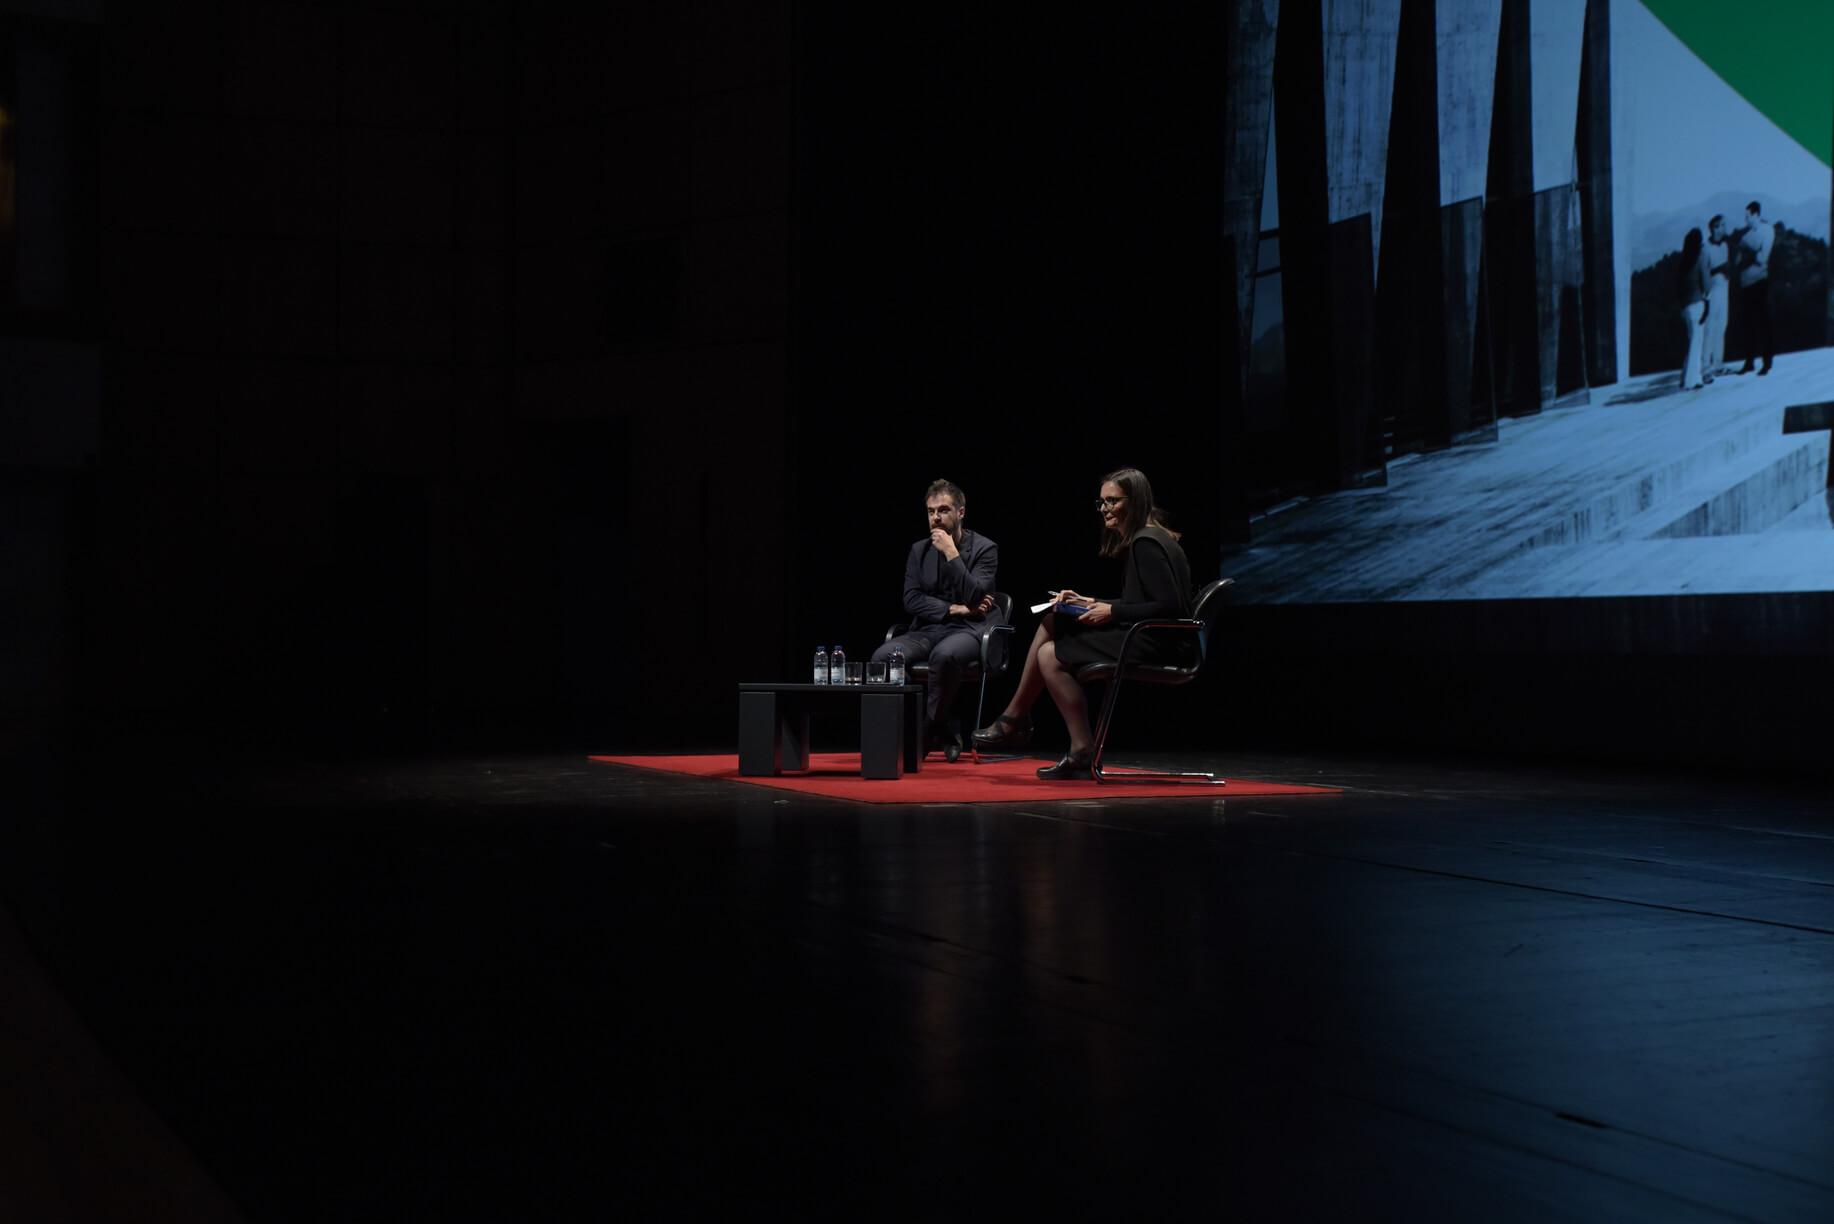 Fabrizio Barozzi à conversa com Ana Vaz Milheiro